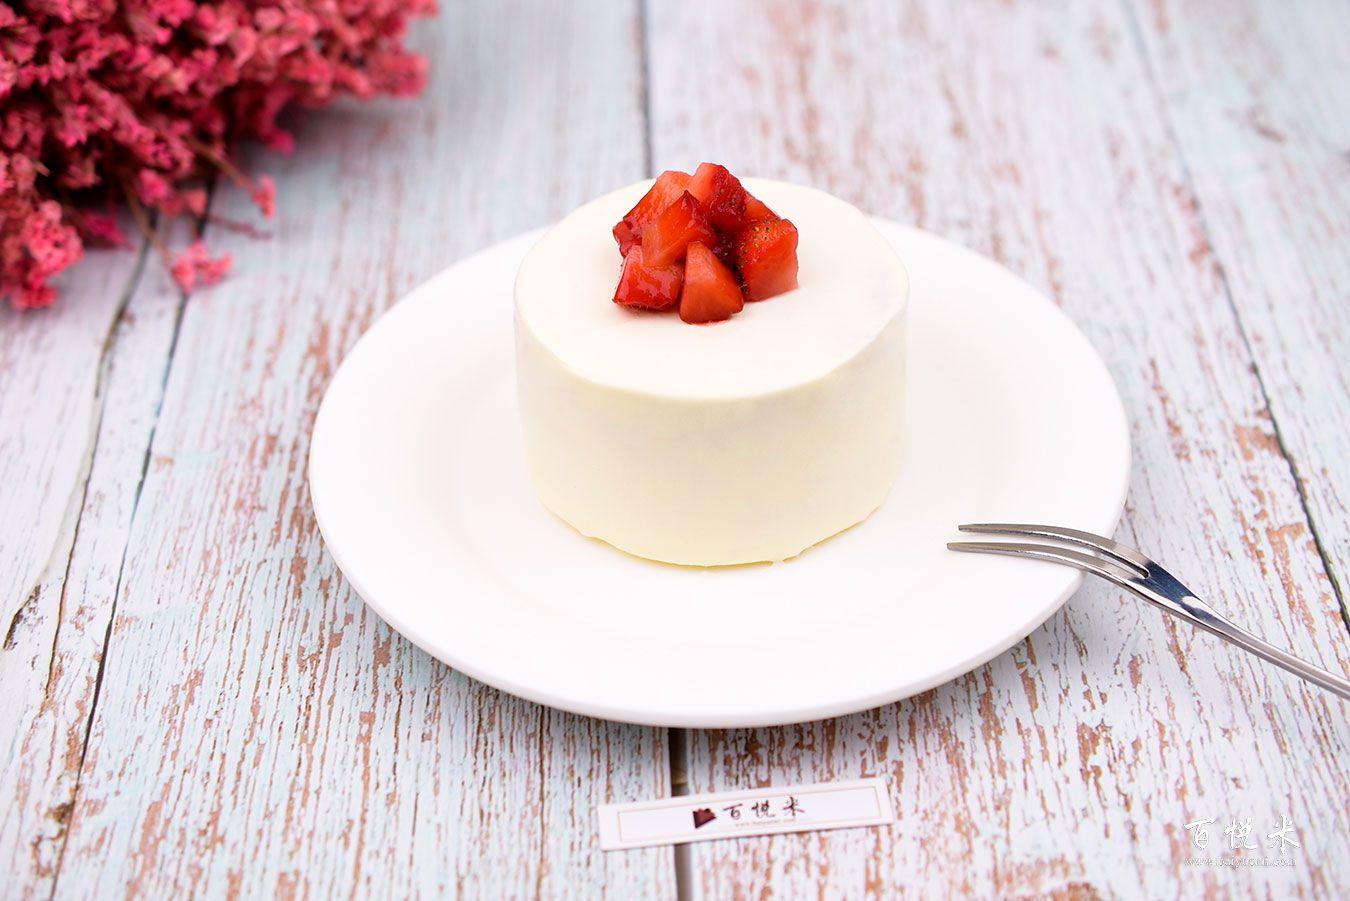 草莓小蛋糕高清图片大全【蛋糕图片】_584